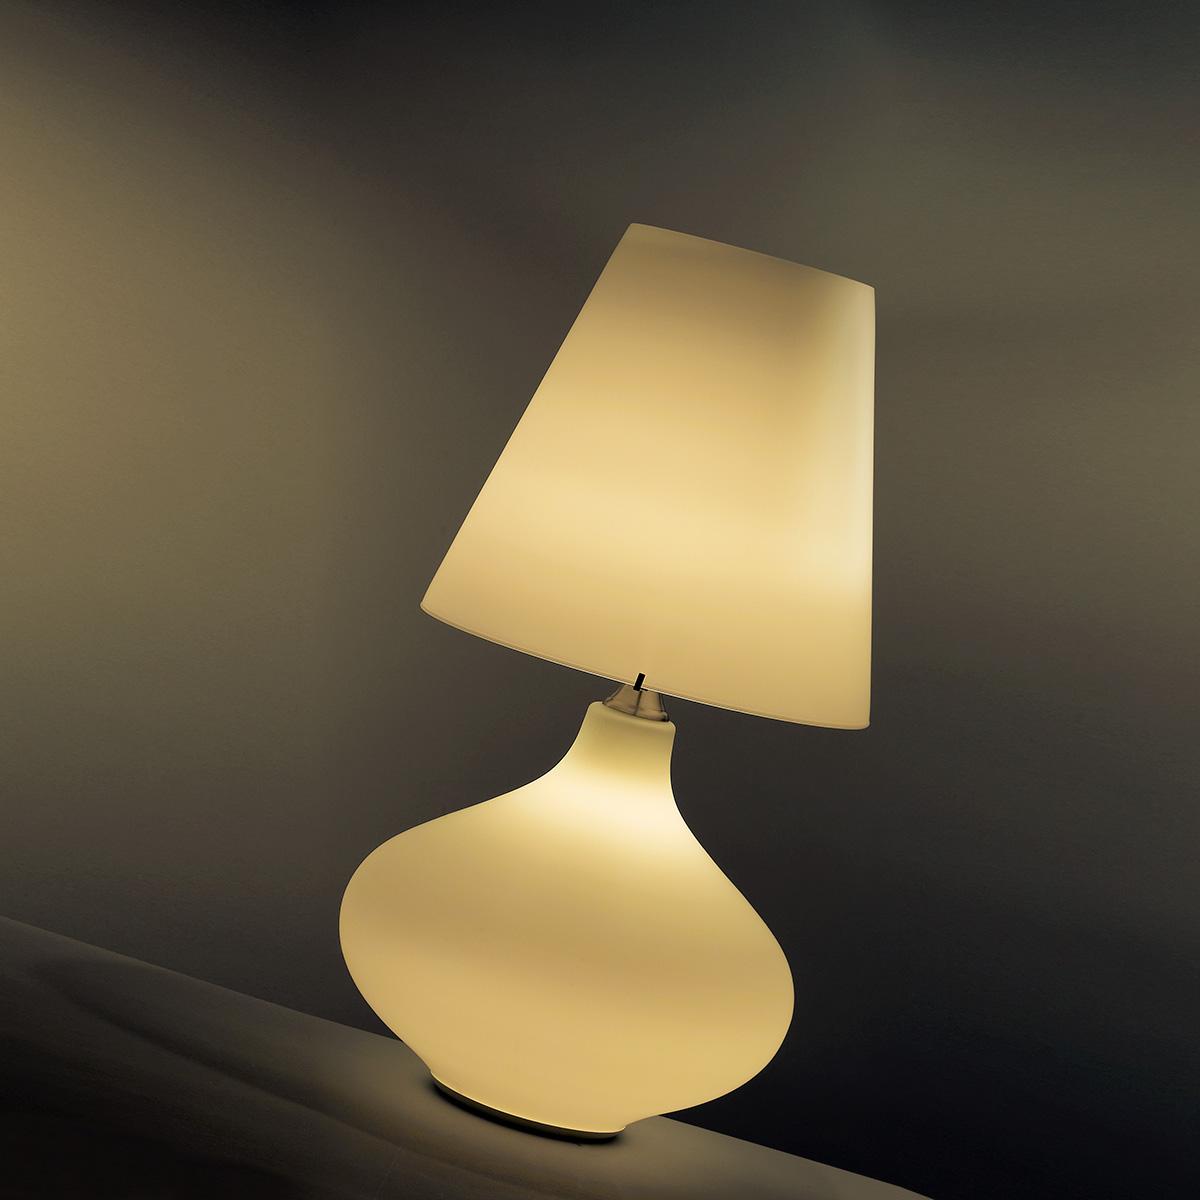 Επιτραπέζιο φωτιστικό Μουράνο SOMBRERO murano table lamp